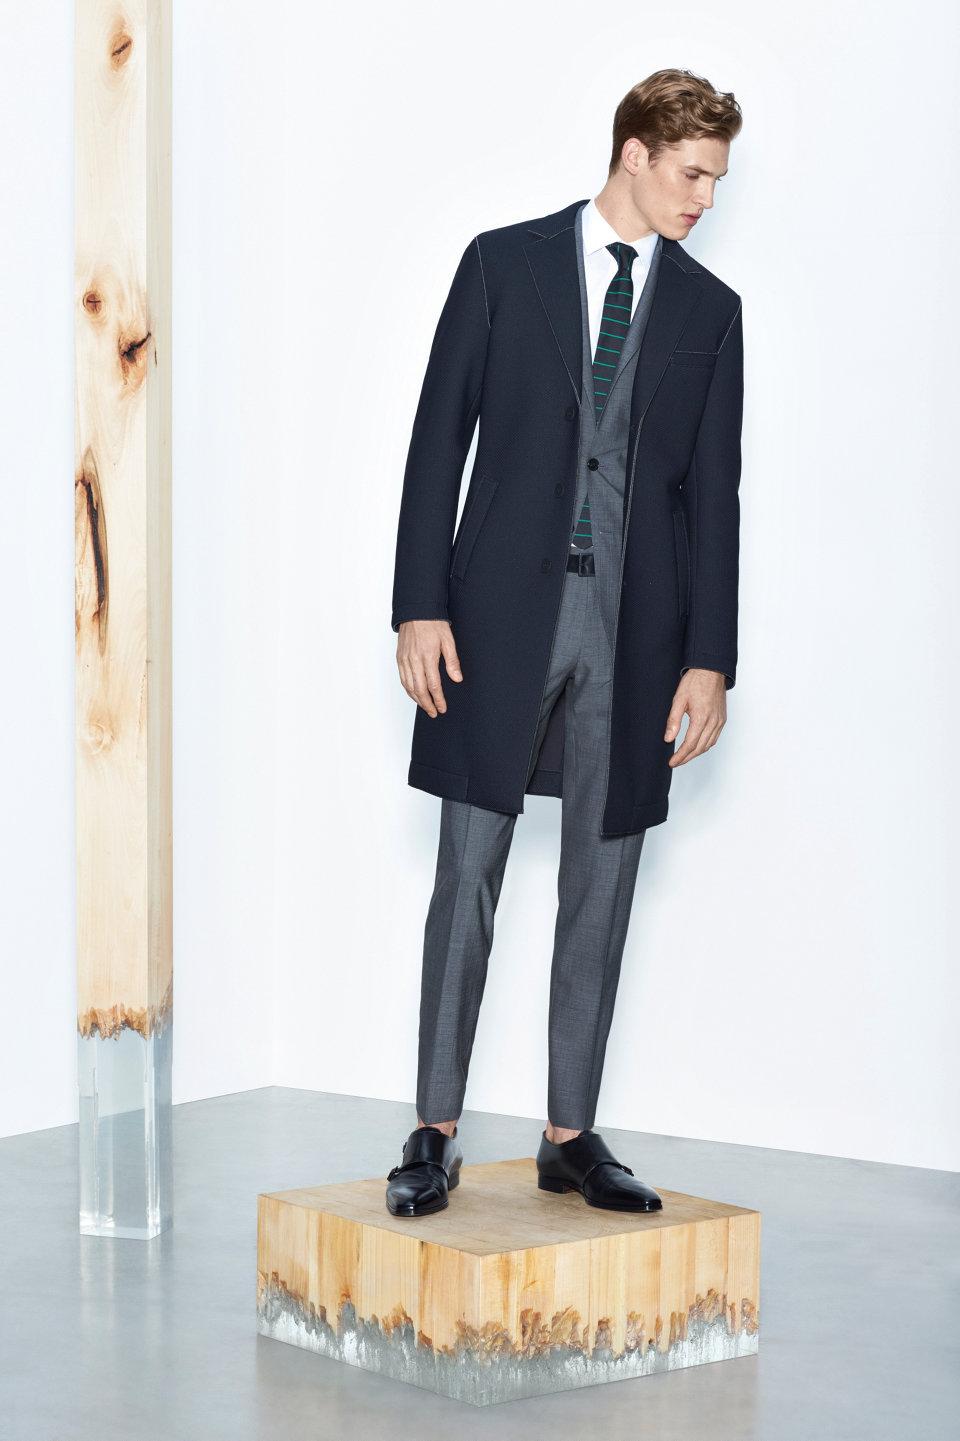 Zwarte mantel, grijs kostuum en zwarte schoenenvanBOSS